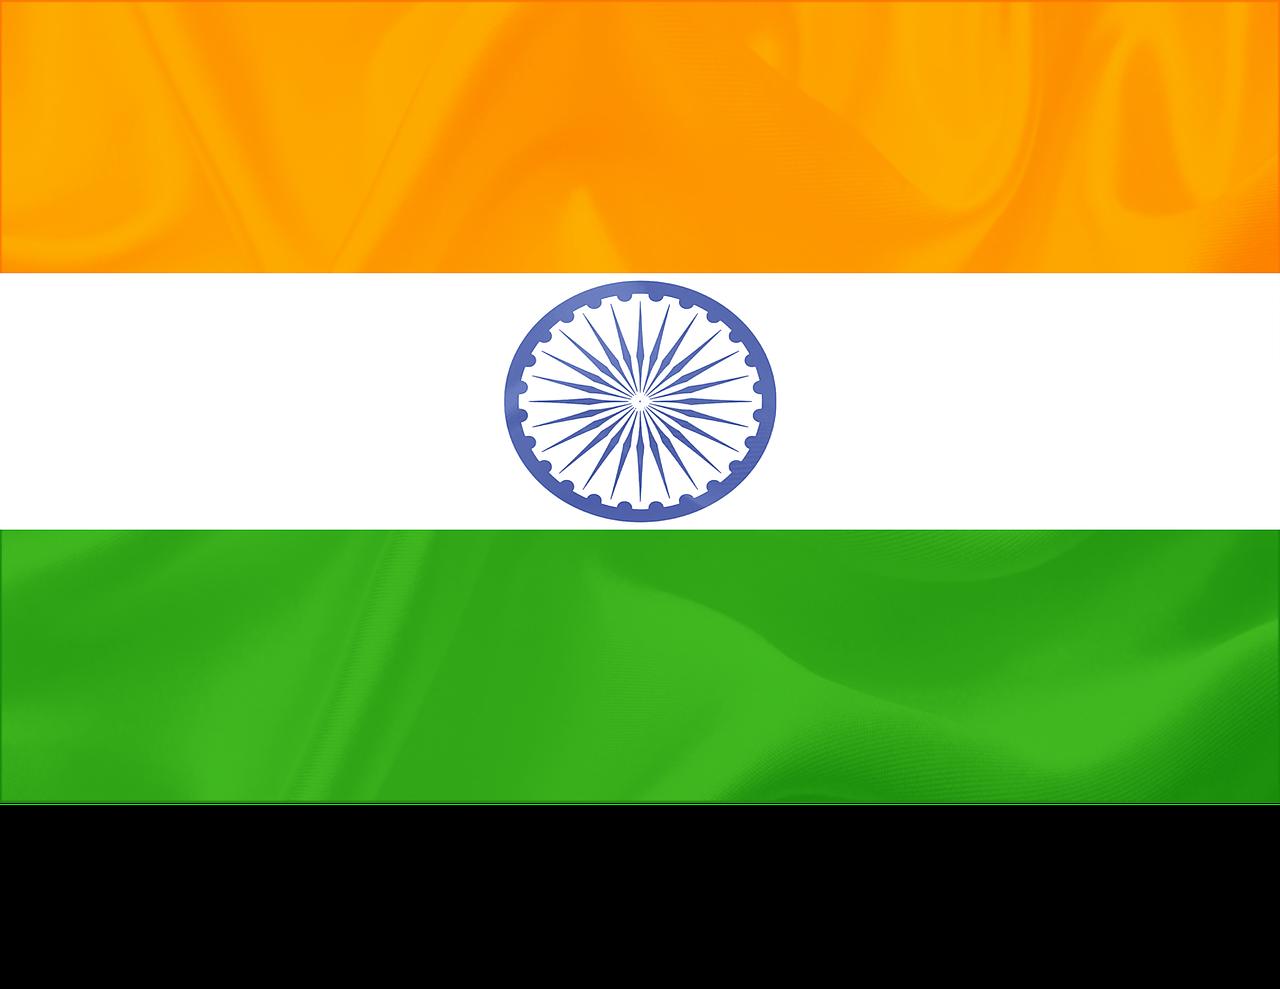 印度在银行加密禁令解除后加密货币交易量增加